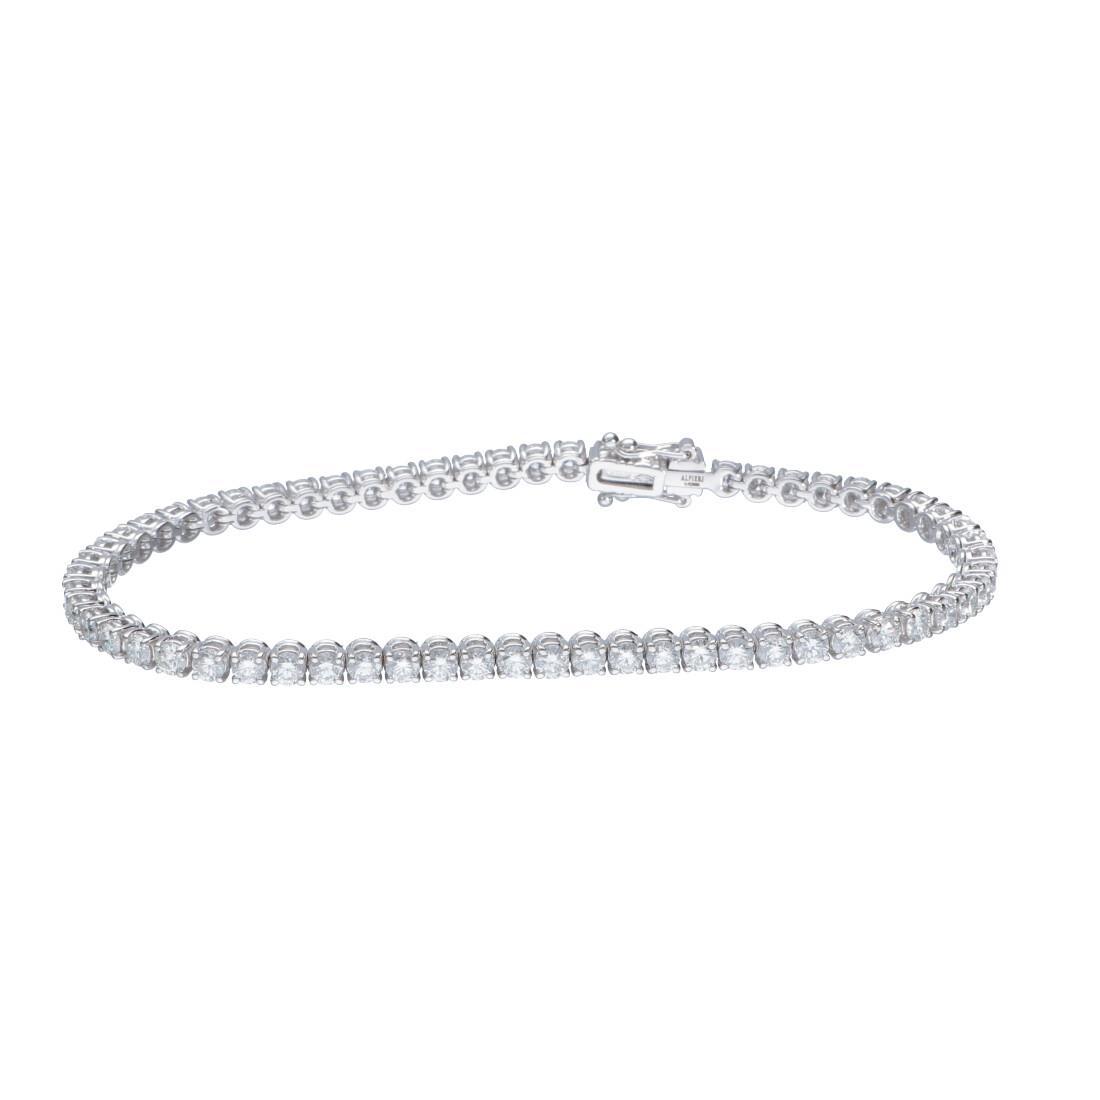 Bracciale tennis in oro bianco con diamanti 5.01 ct - ALFIERI ST JOHN